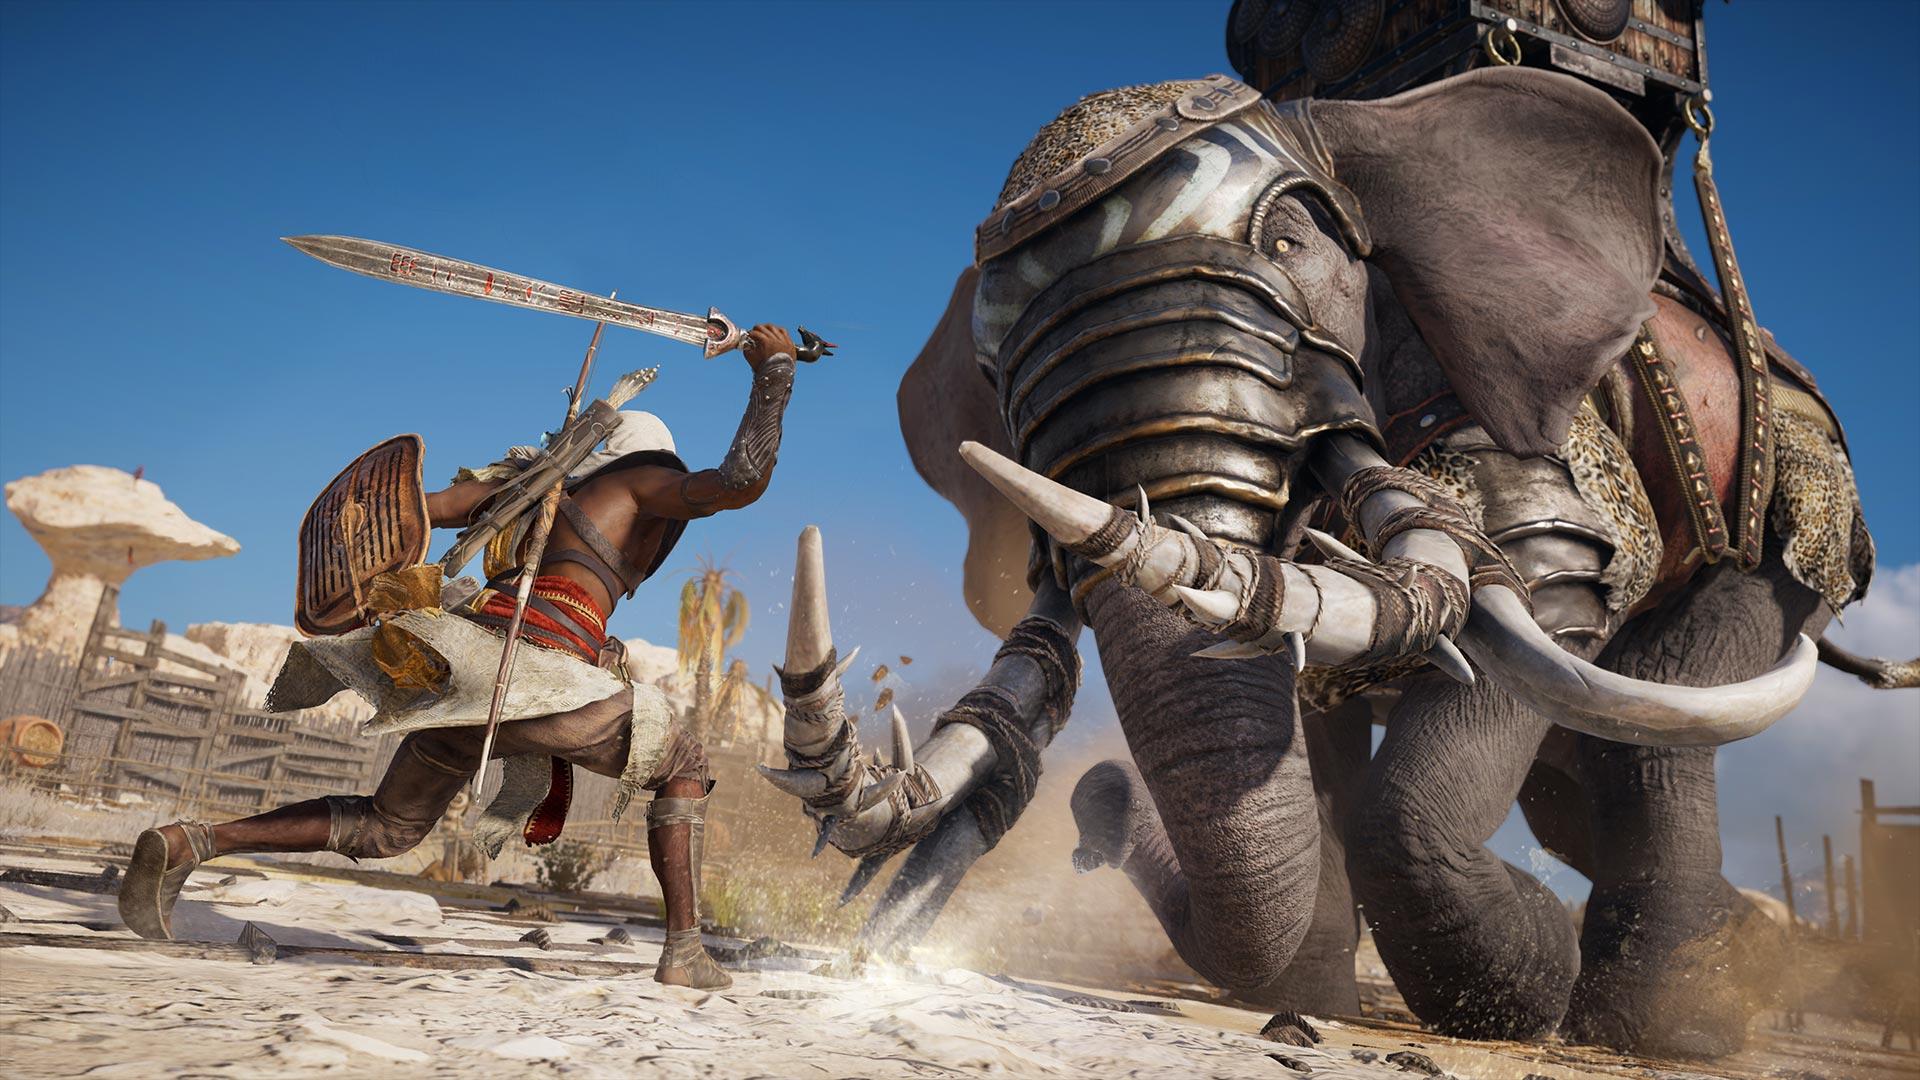 Геймер забил слона до смерти голыми руками в Assassin's Creed: Origins